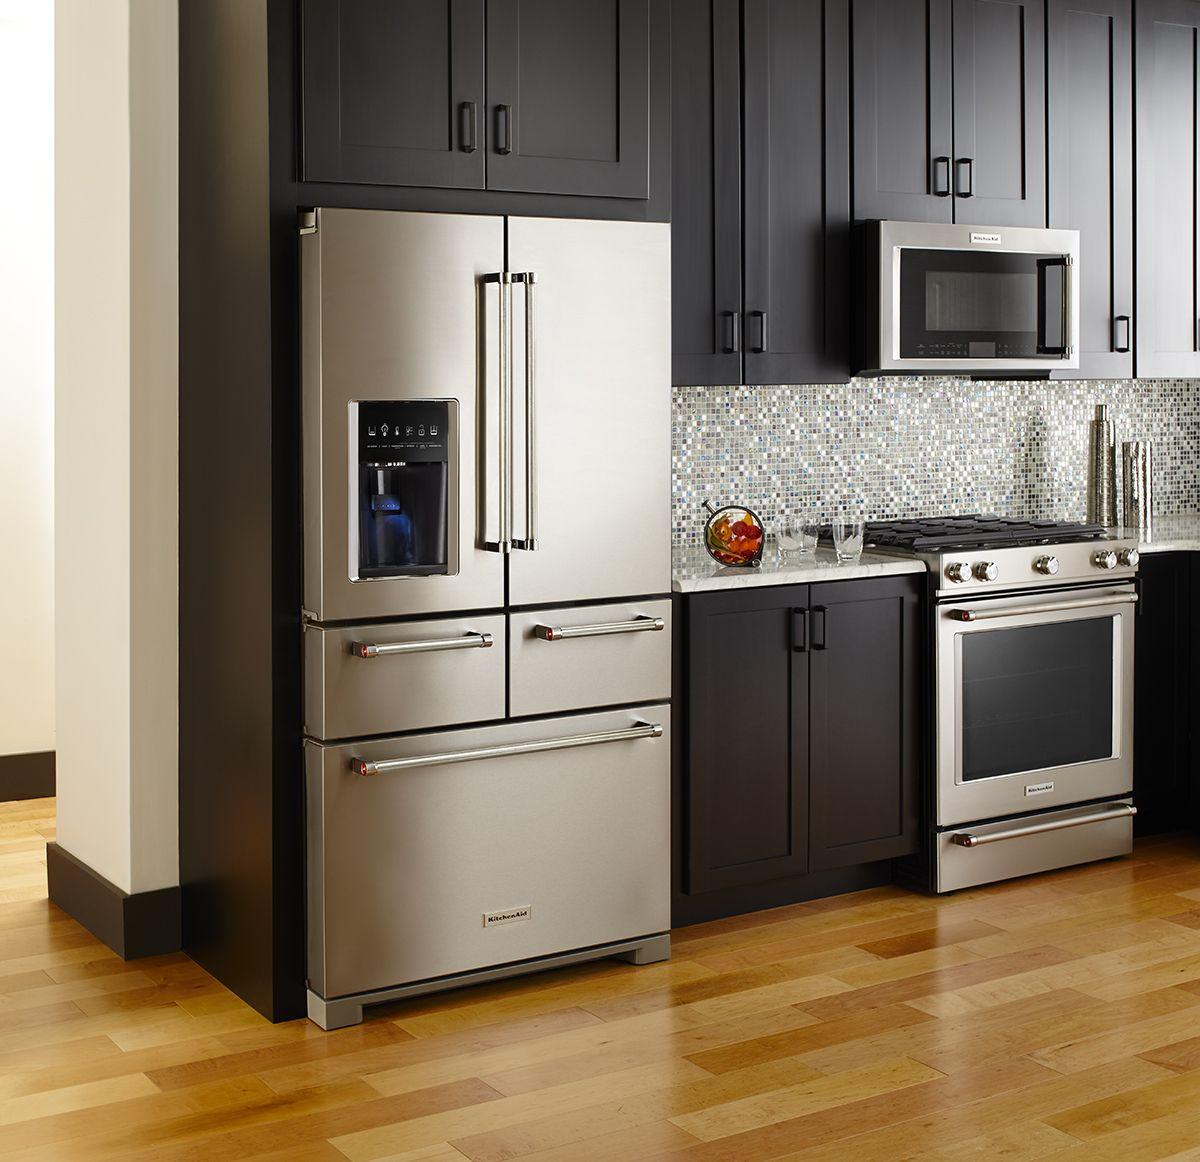 Refrigeradores Estufas Hornos Microondas En 2019